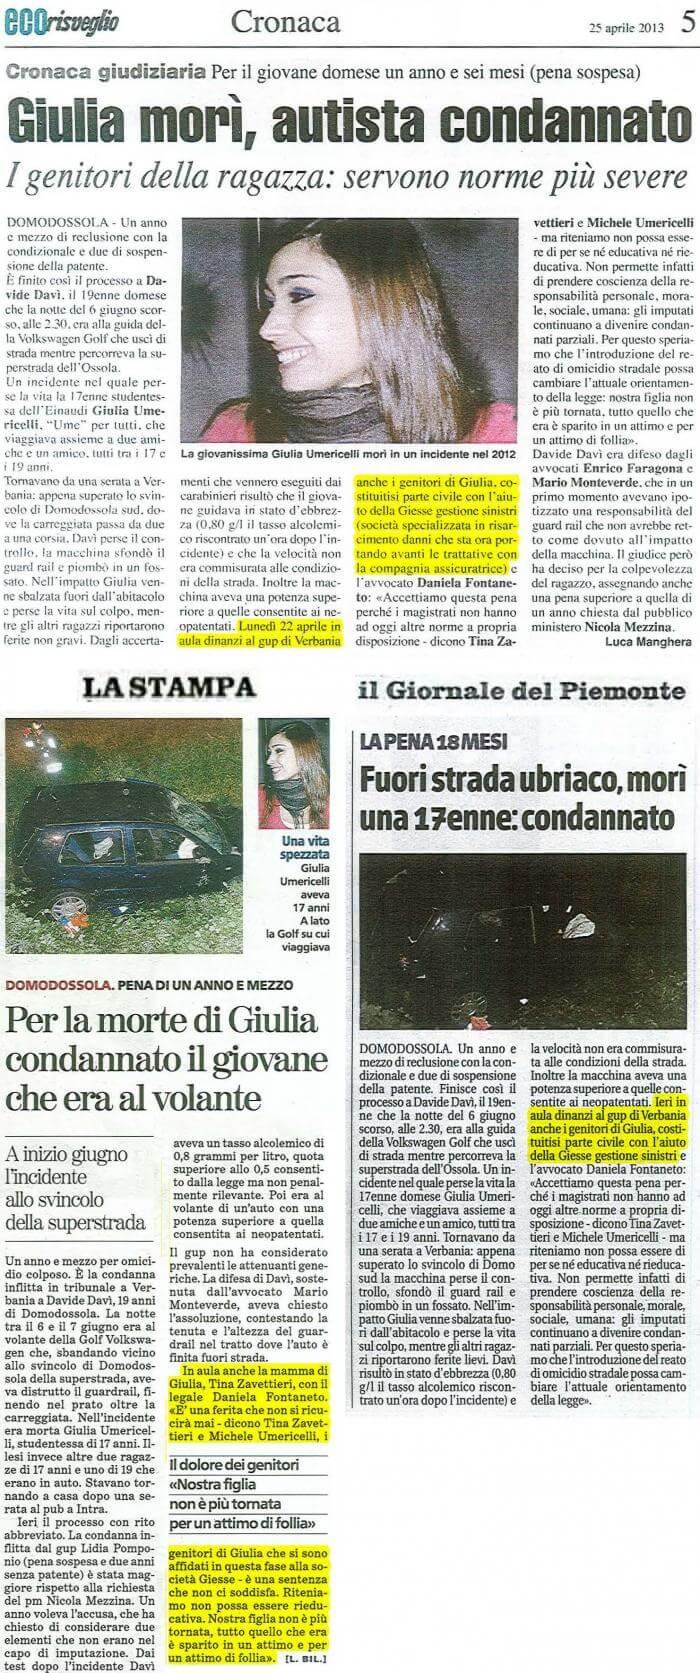 Articolo di giornale Giulia